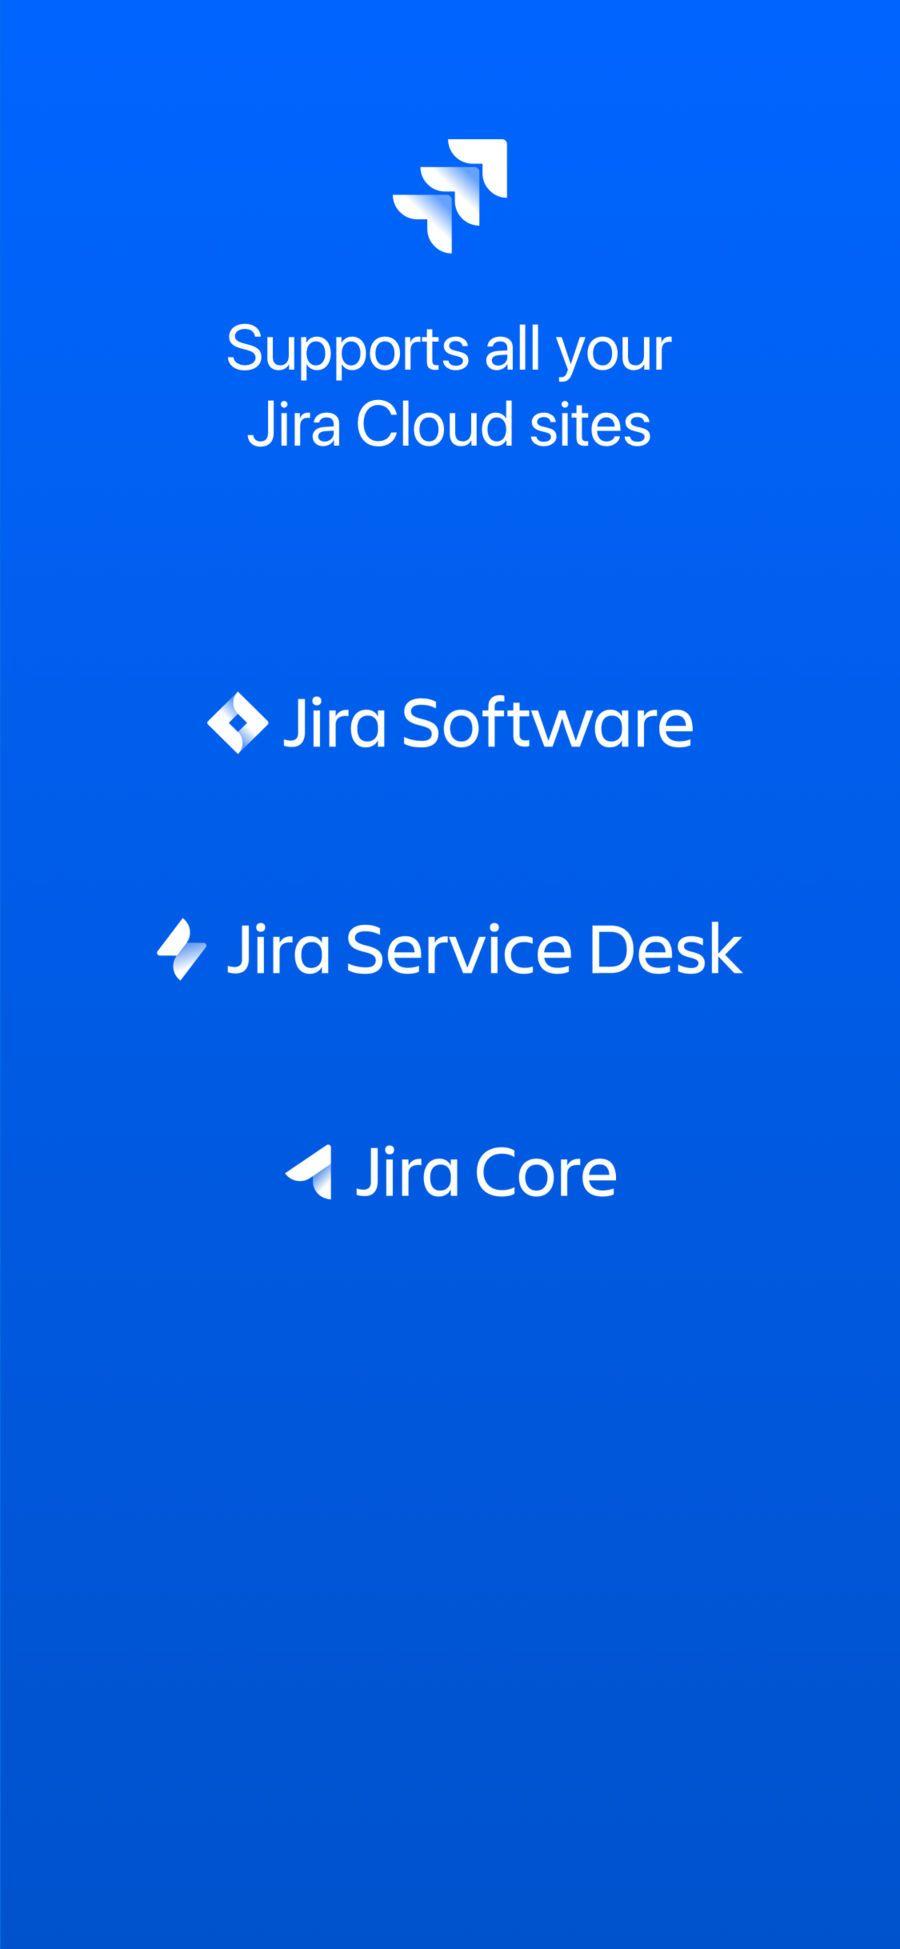 Jira Cloud iosBusinessappapps Clouds, App, Supportive